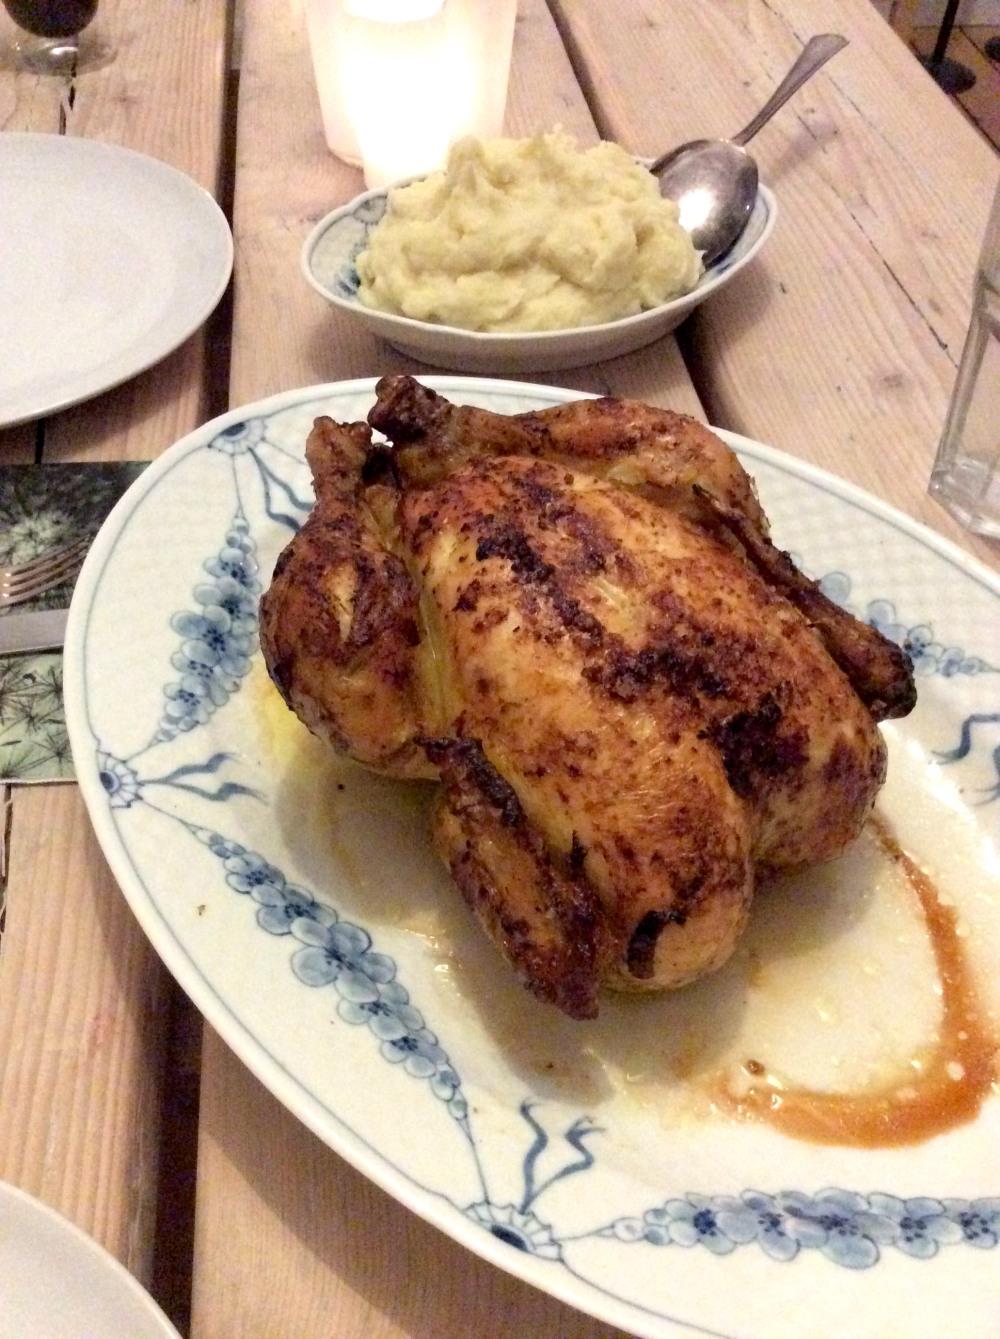 06 Huhn -- auf dem Tisch